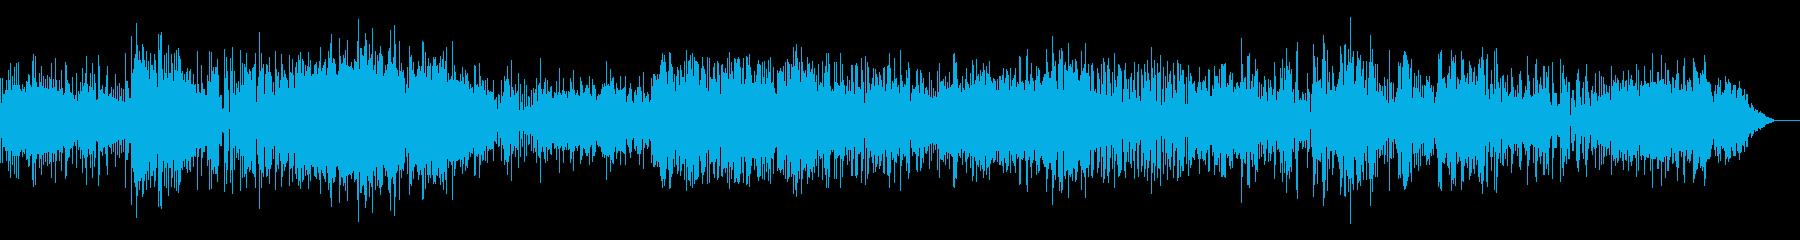 ダークな雰囲気のロボティックなIDMの再生済みの波形